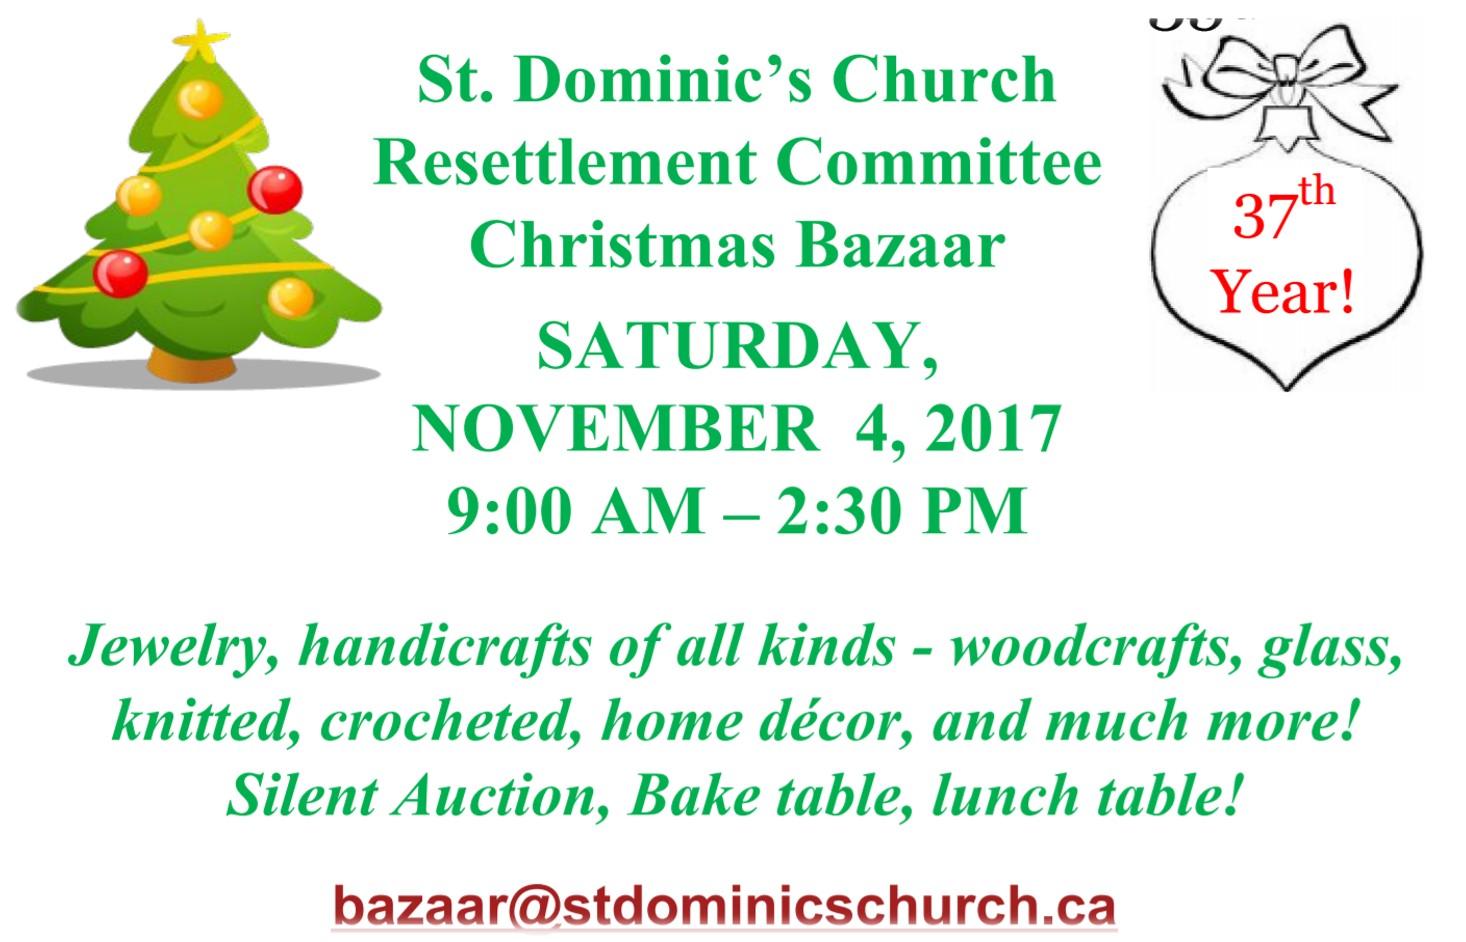 st dominics christmas bazaar 2017